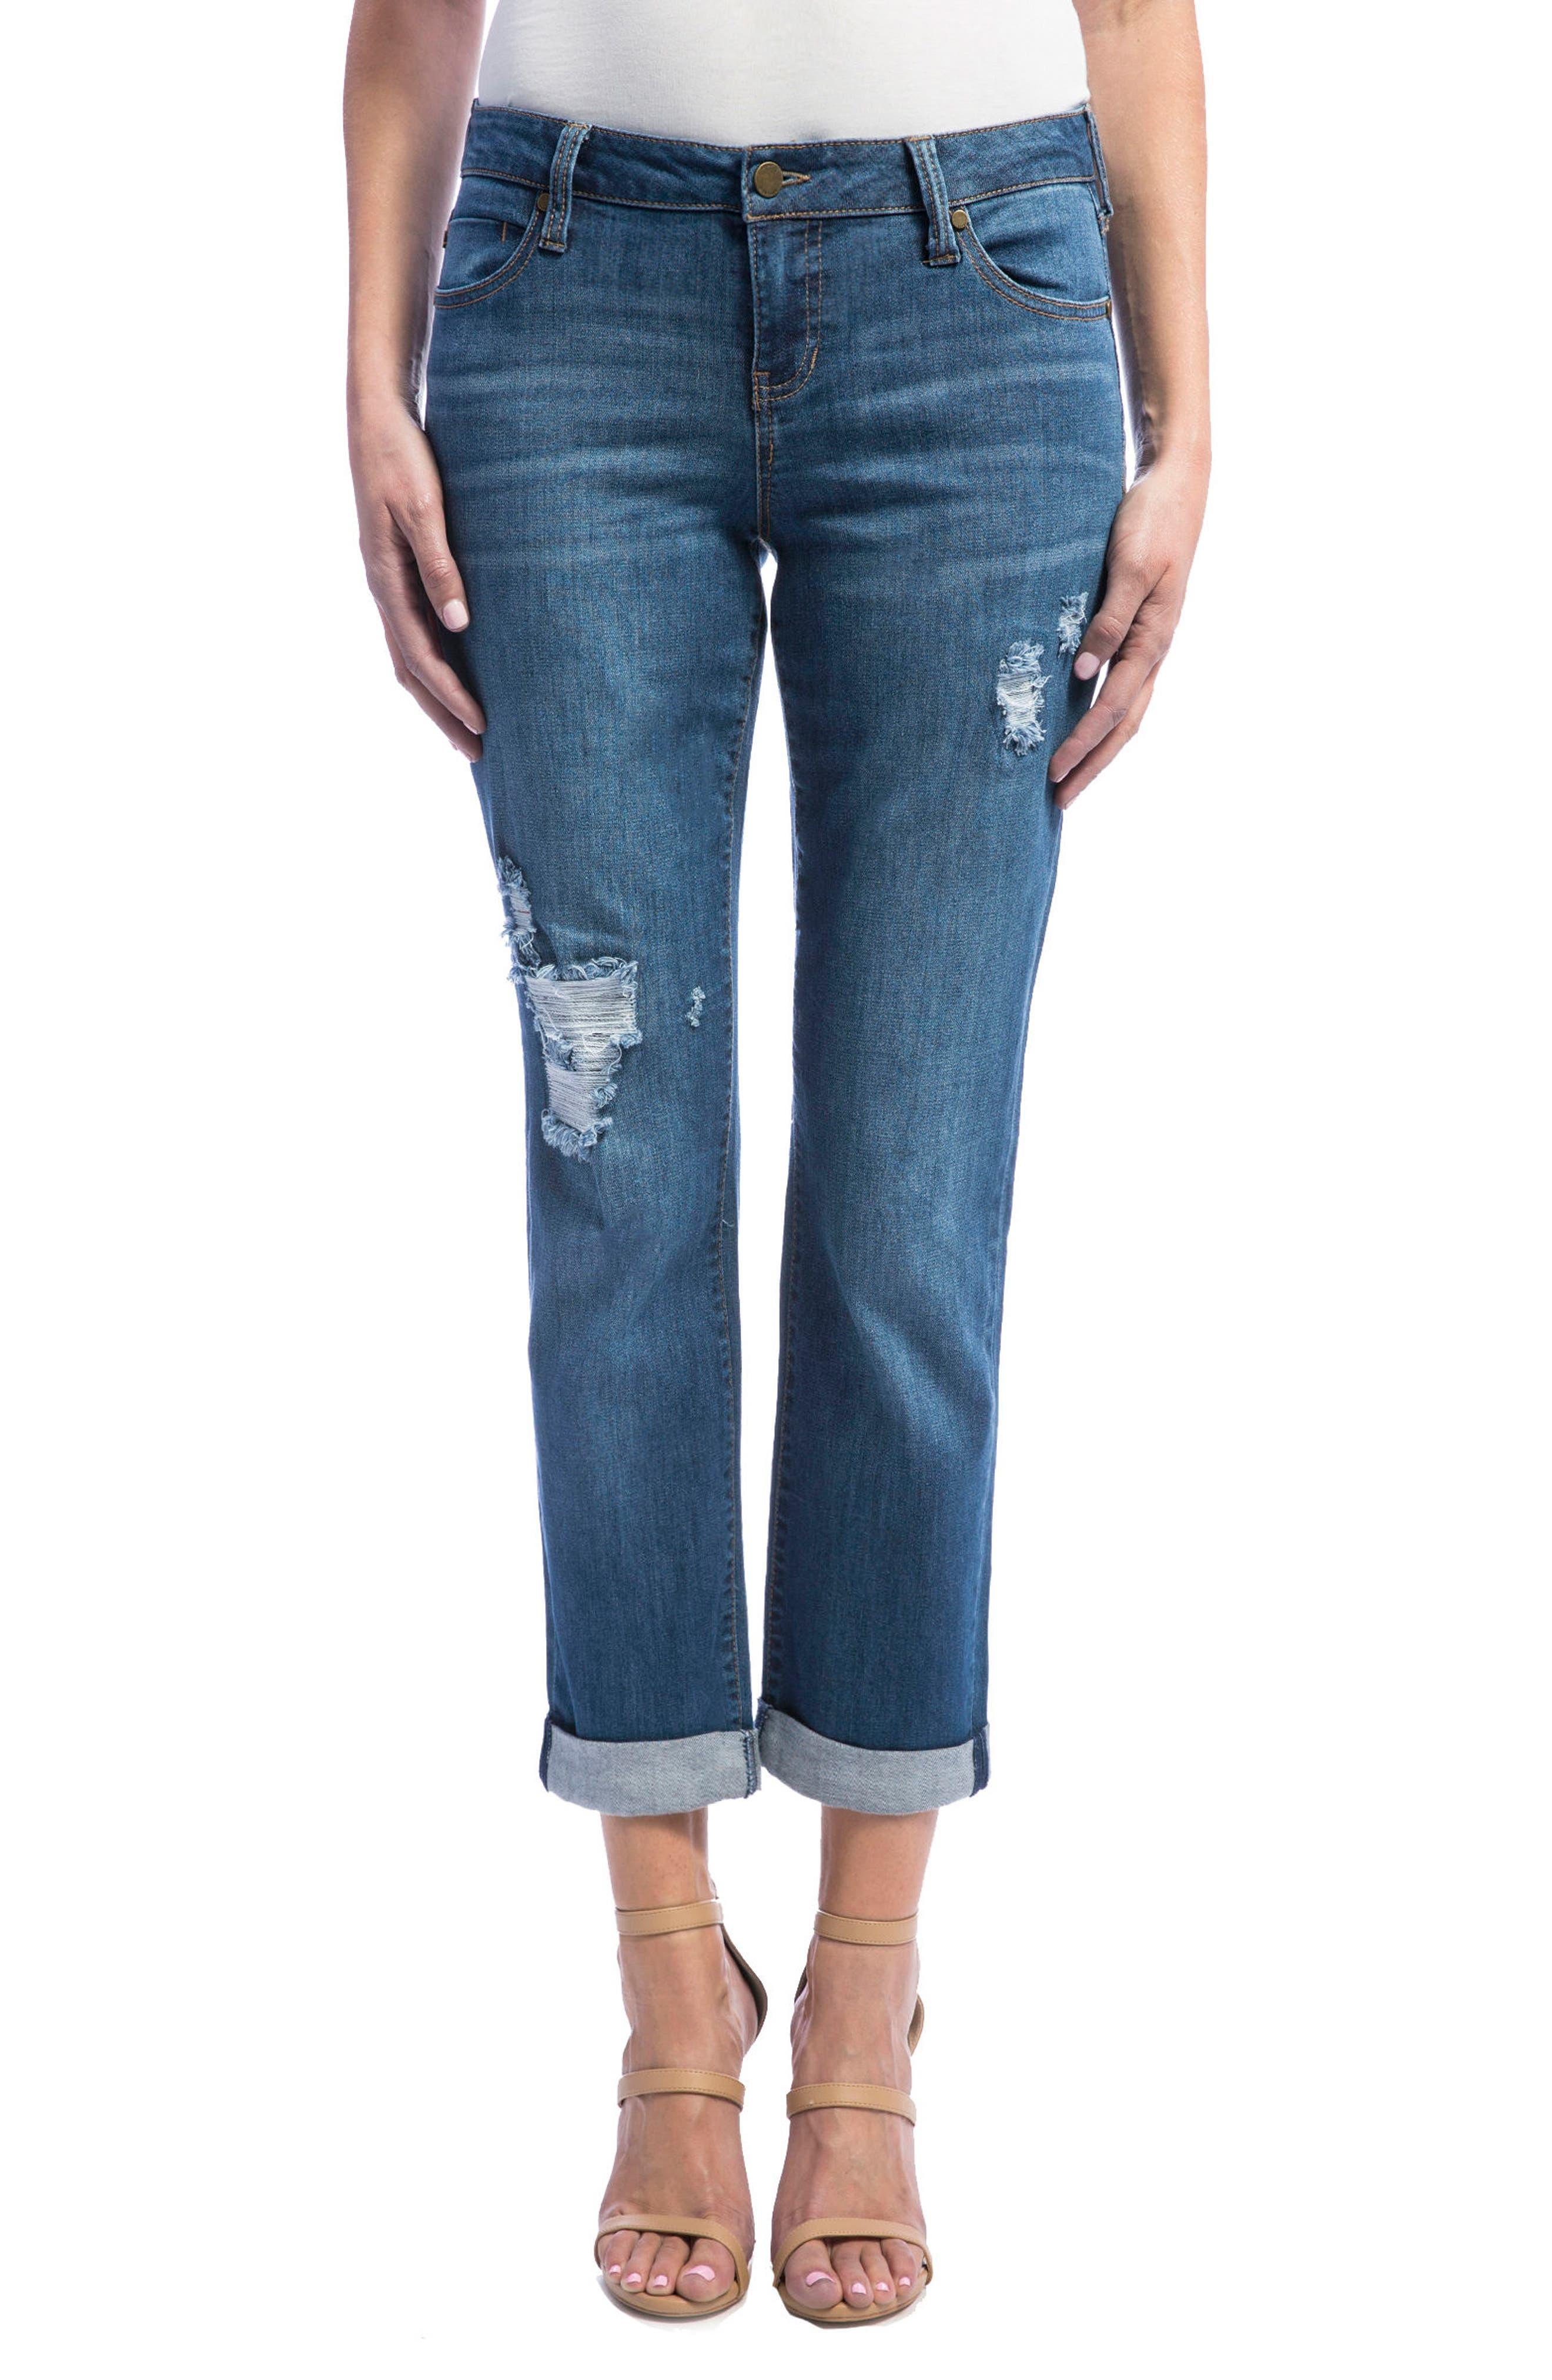 Jeans Company Peyton Slim Stretch Crop Boyfriend Jeans,                         Main,                         color, Montauk Mid/ Destruction